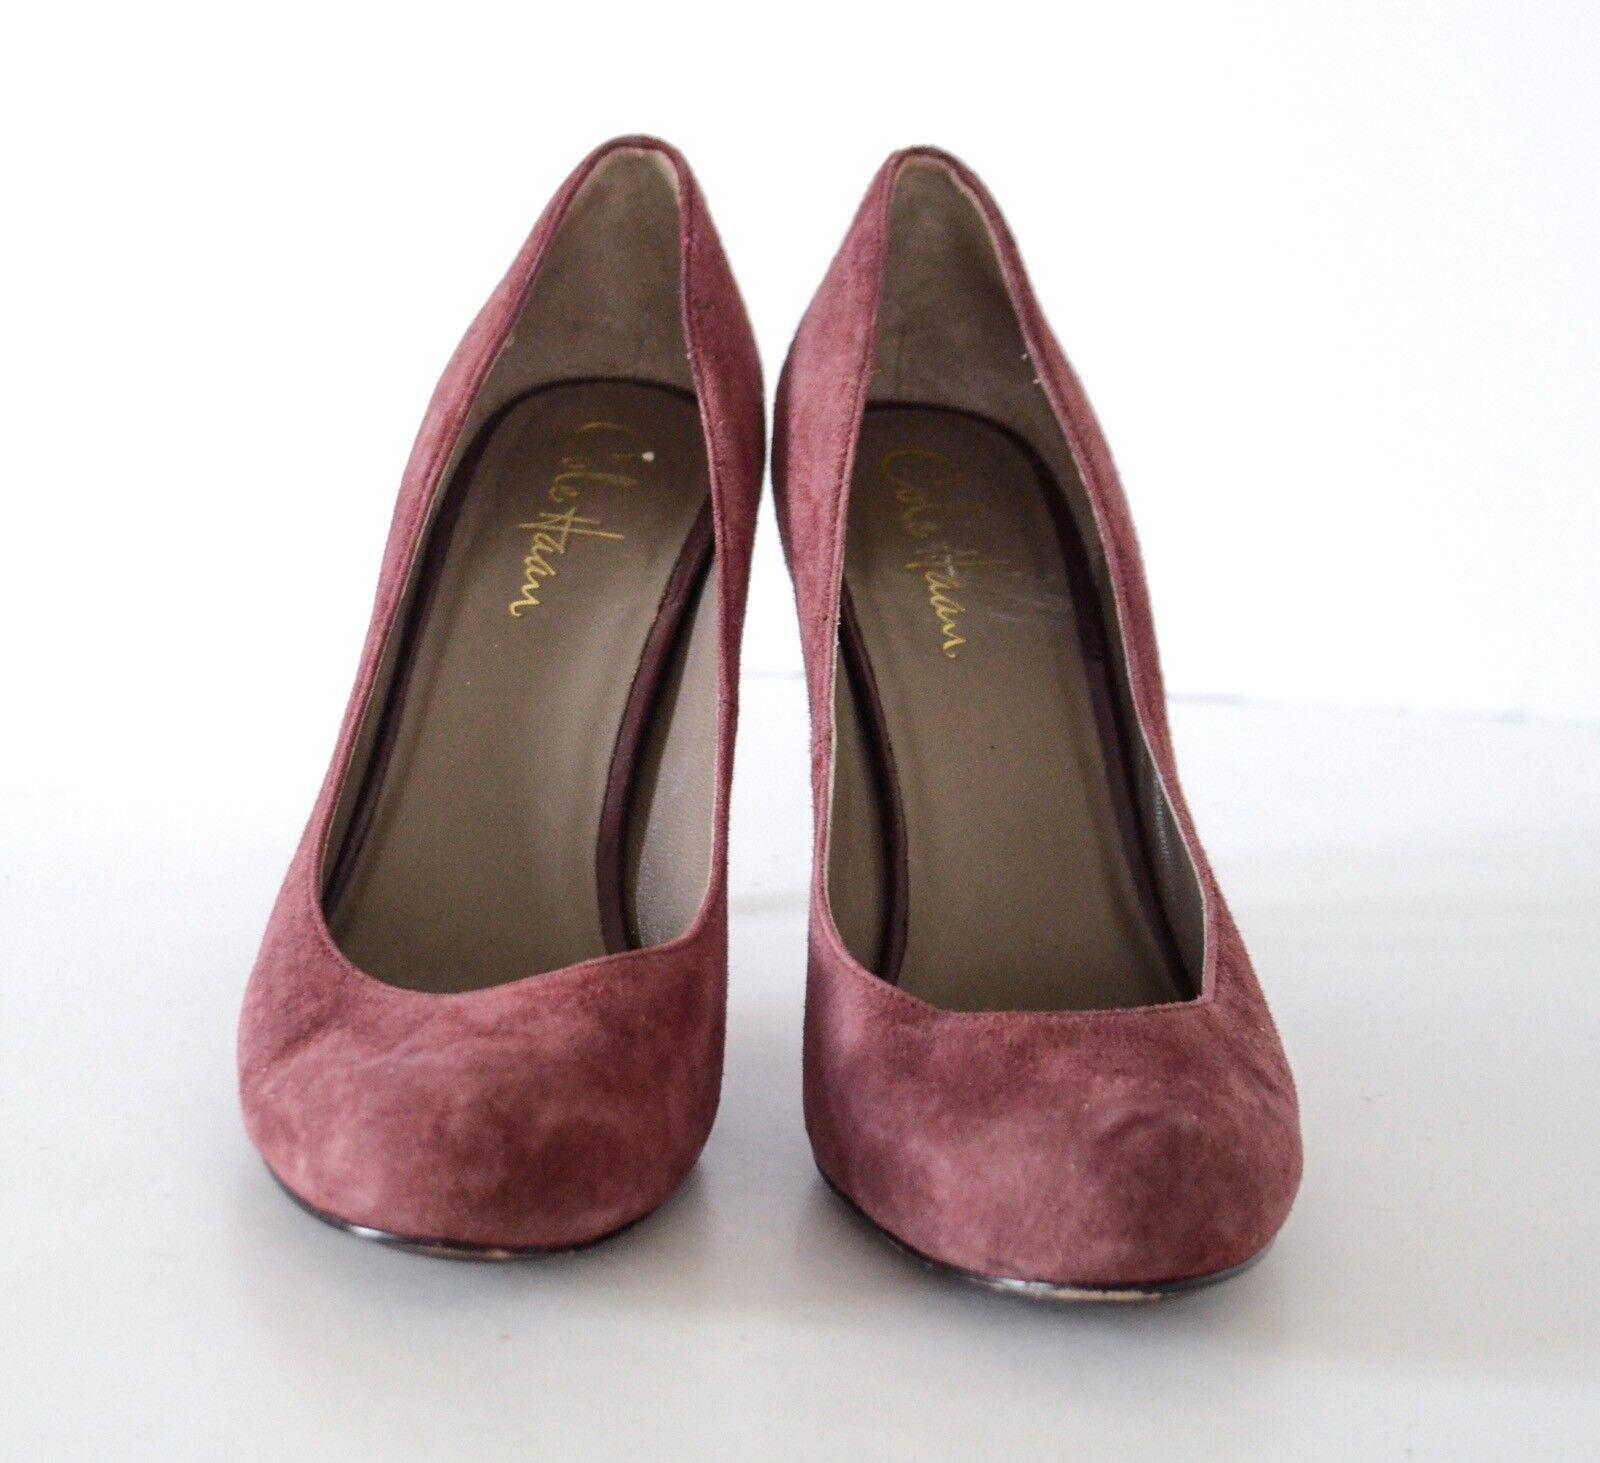 Cole Cole Cole Haan Ciruela Gamusa Tacos Altos Zapatos De Salón 7.5B fb1d05